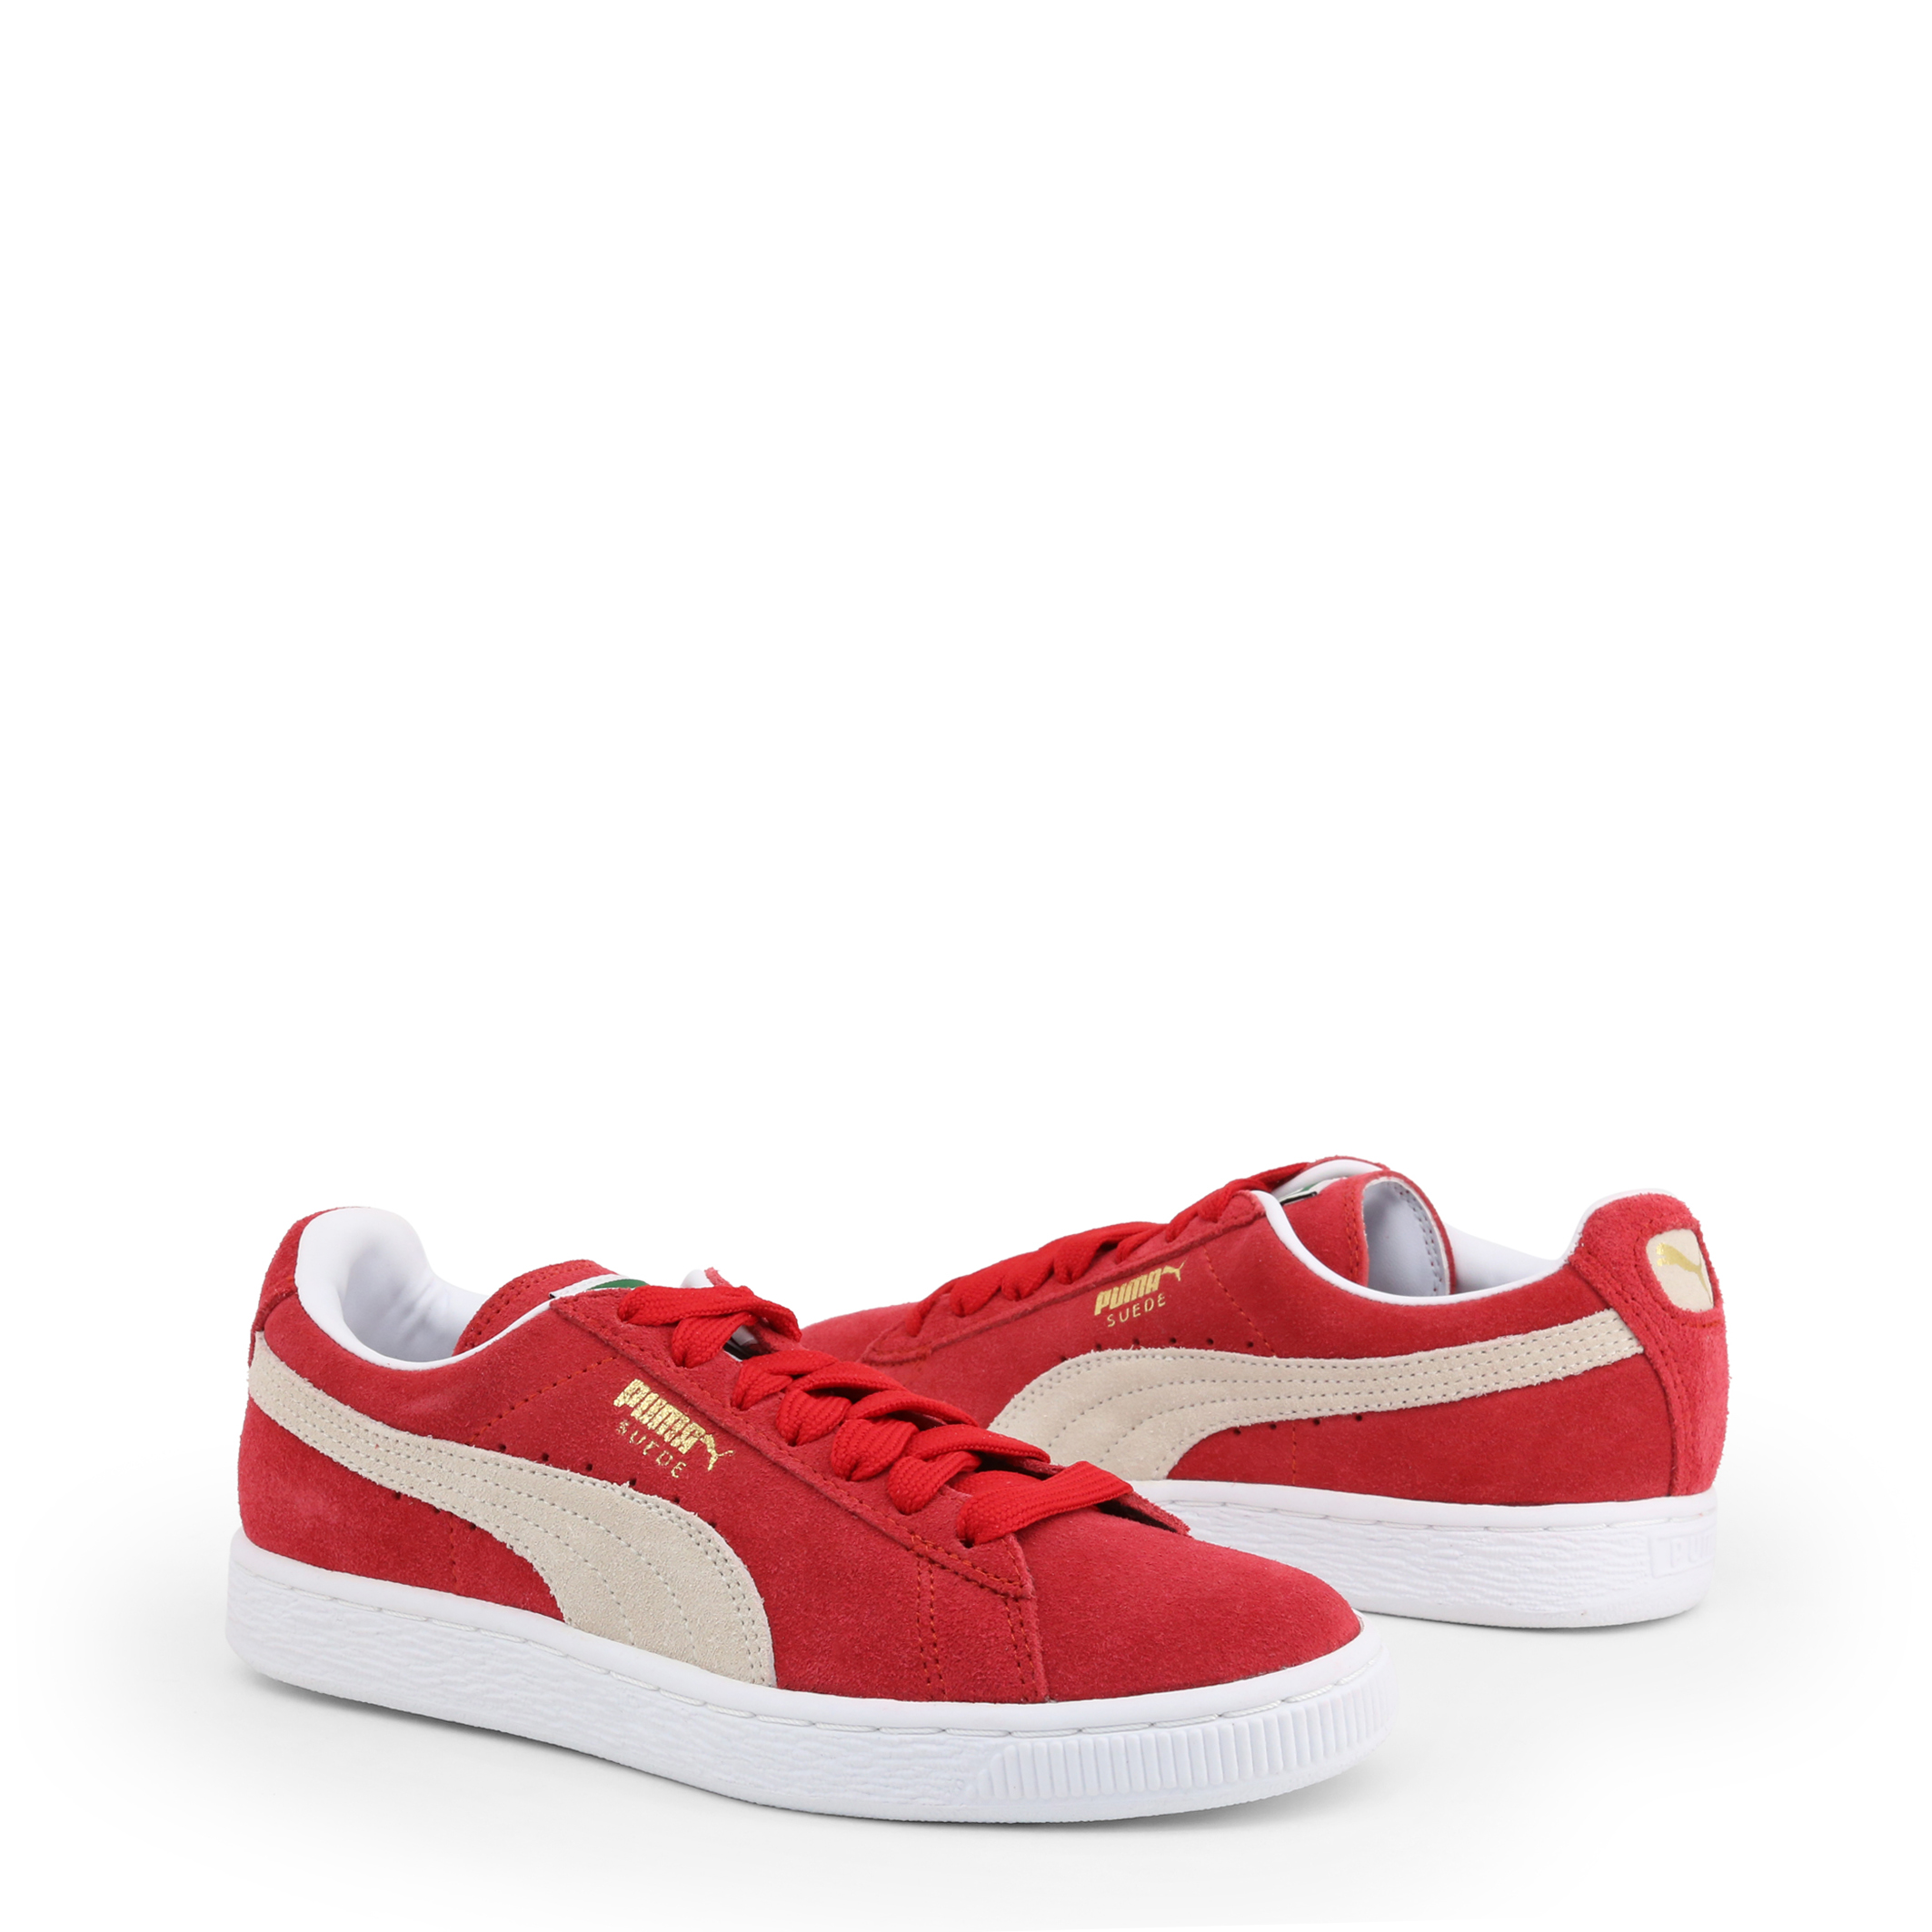 Puma 927315_SuedeClassic Unisex Rosso 106859Puma